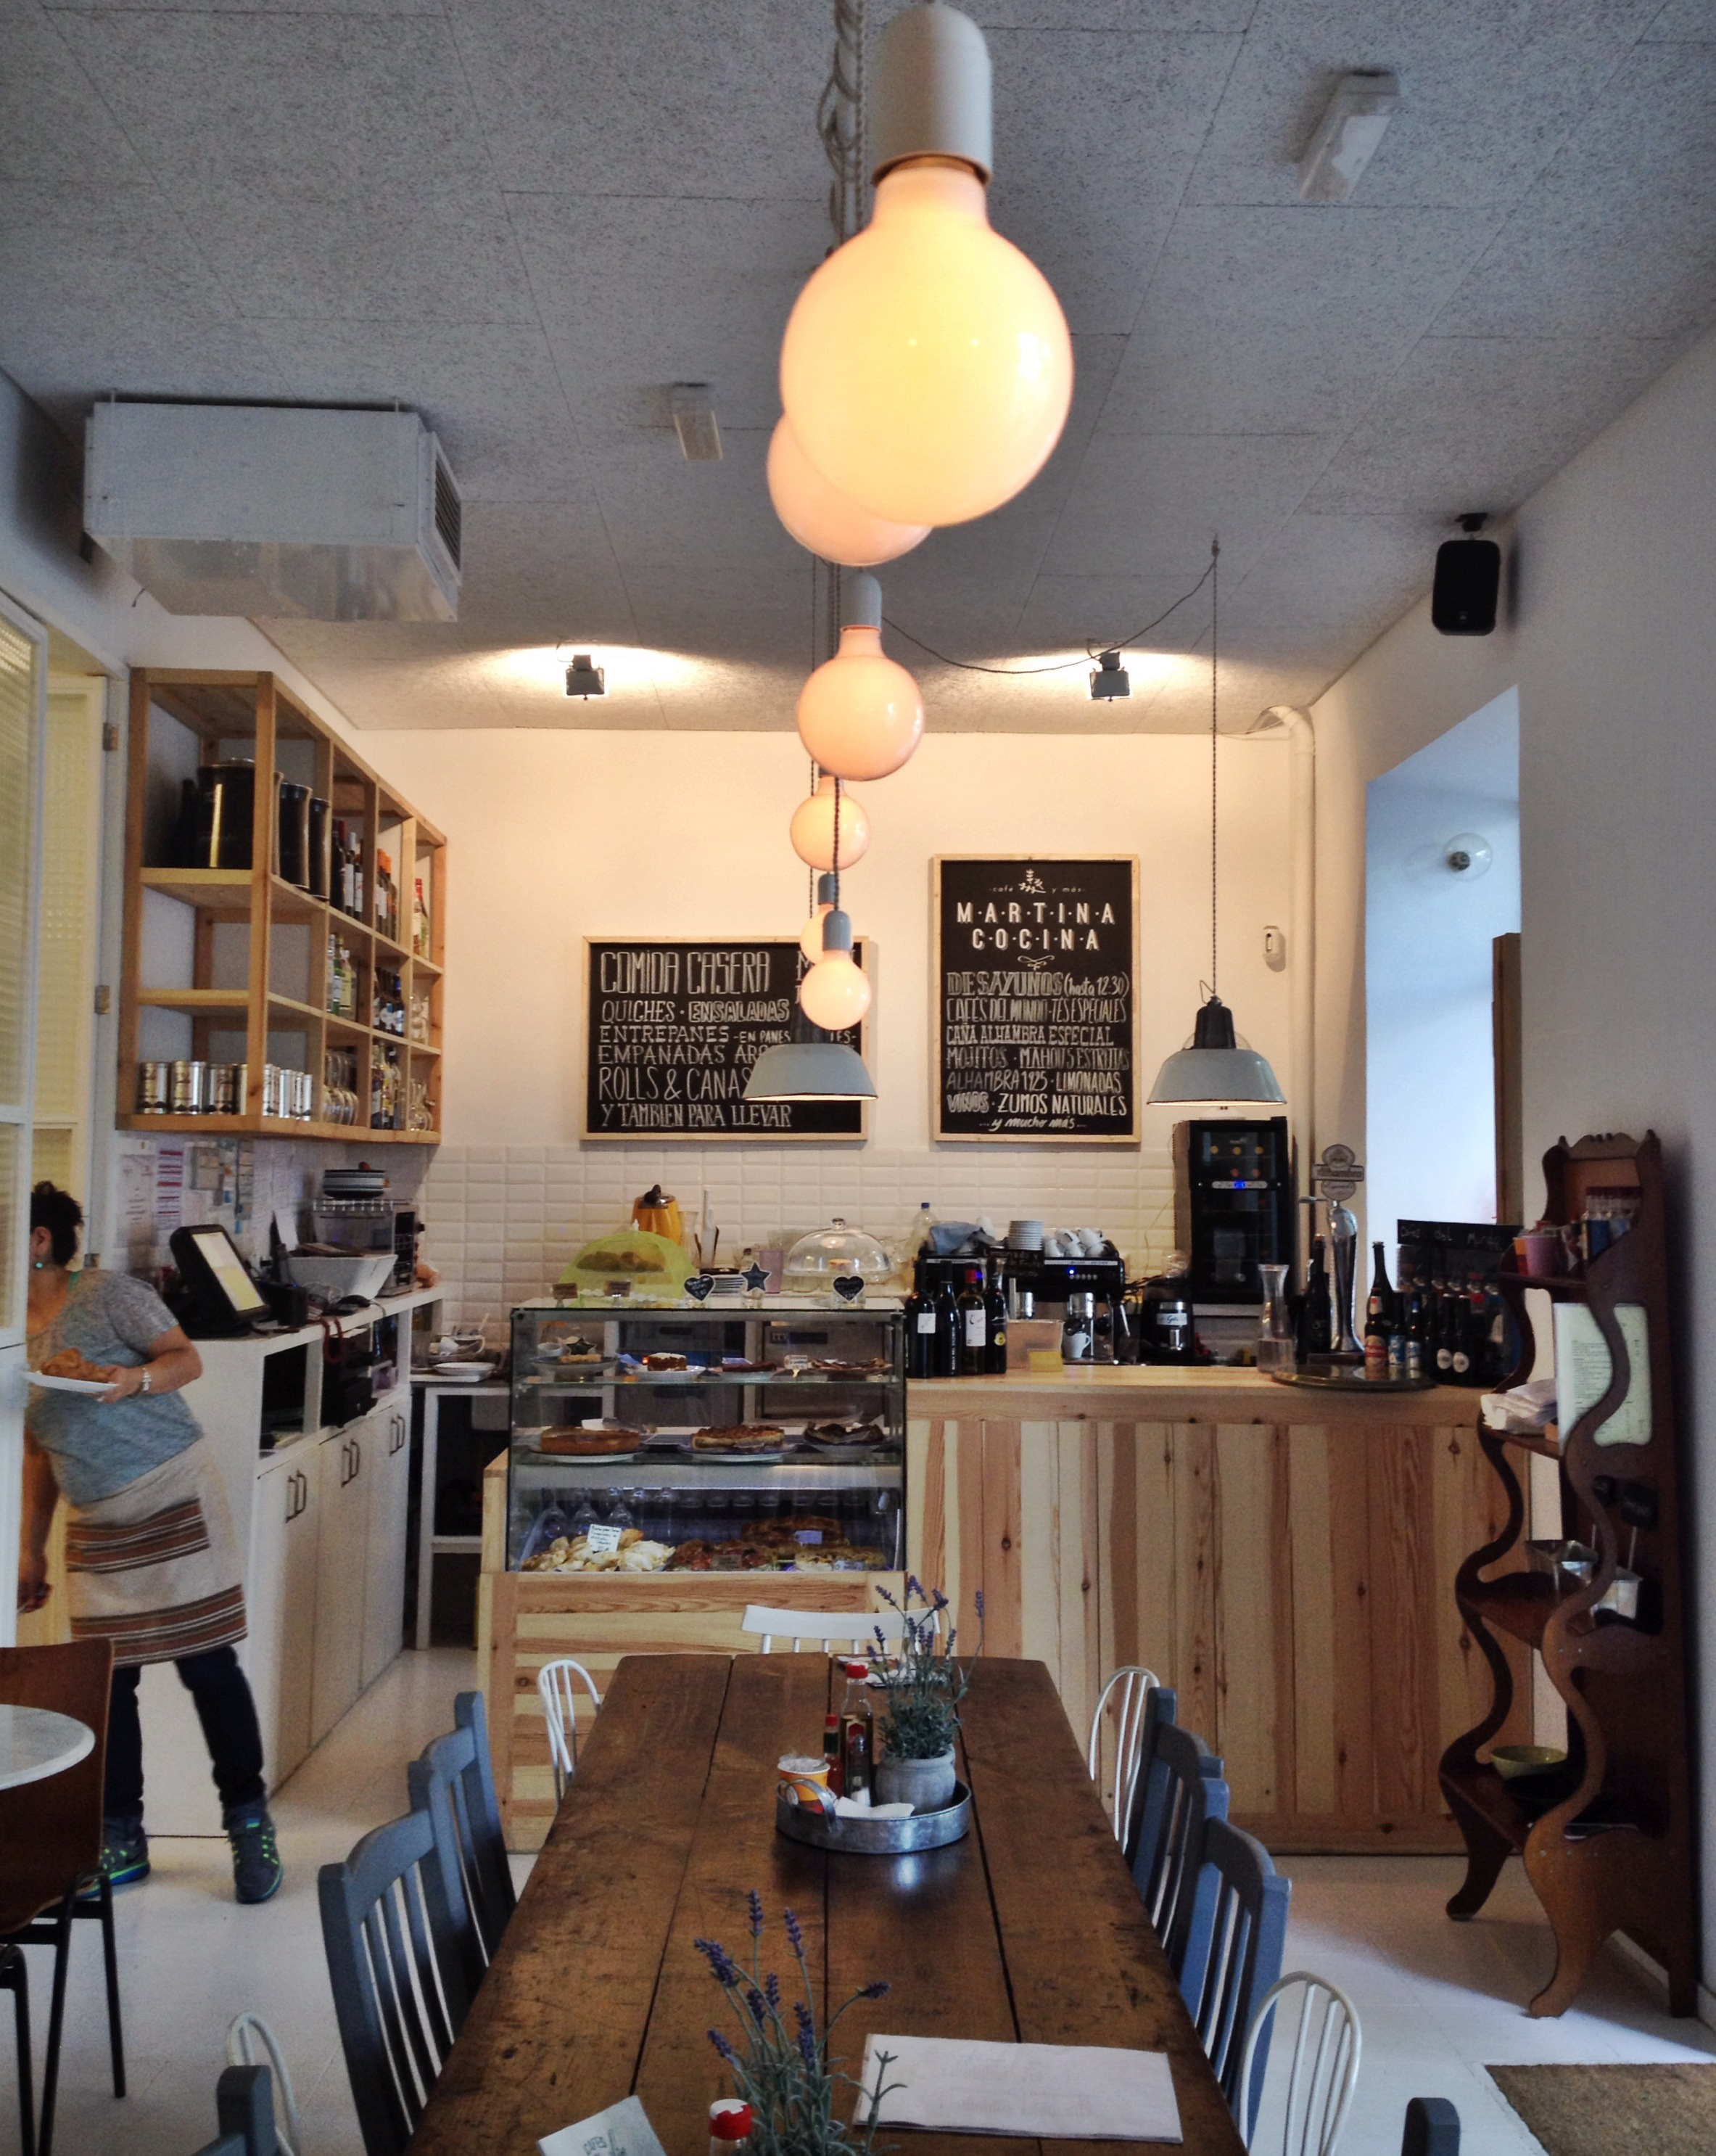 Elherviderosereune restaurantes lugares madrid ocio for Bares rusticos decoracion